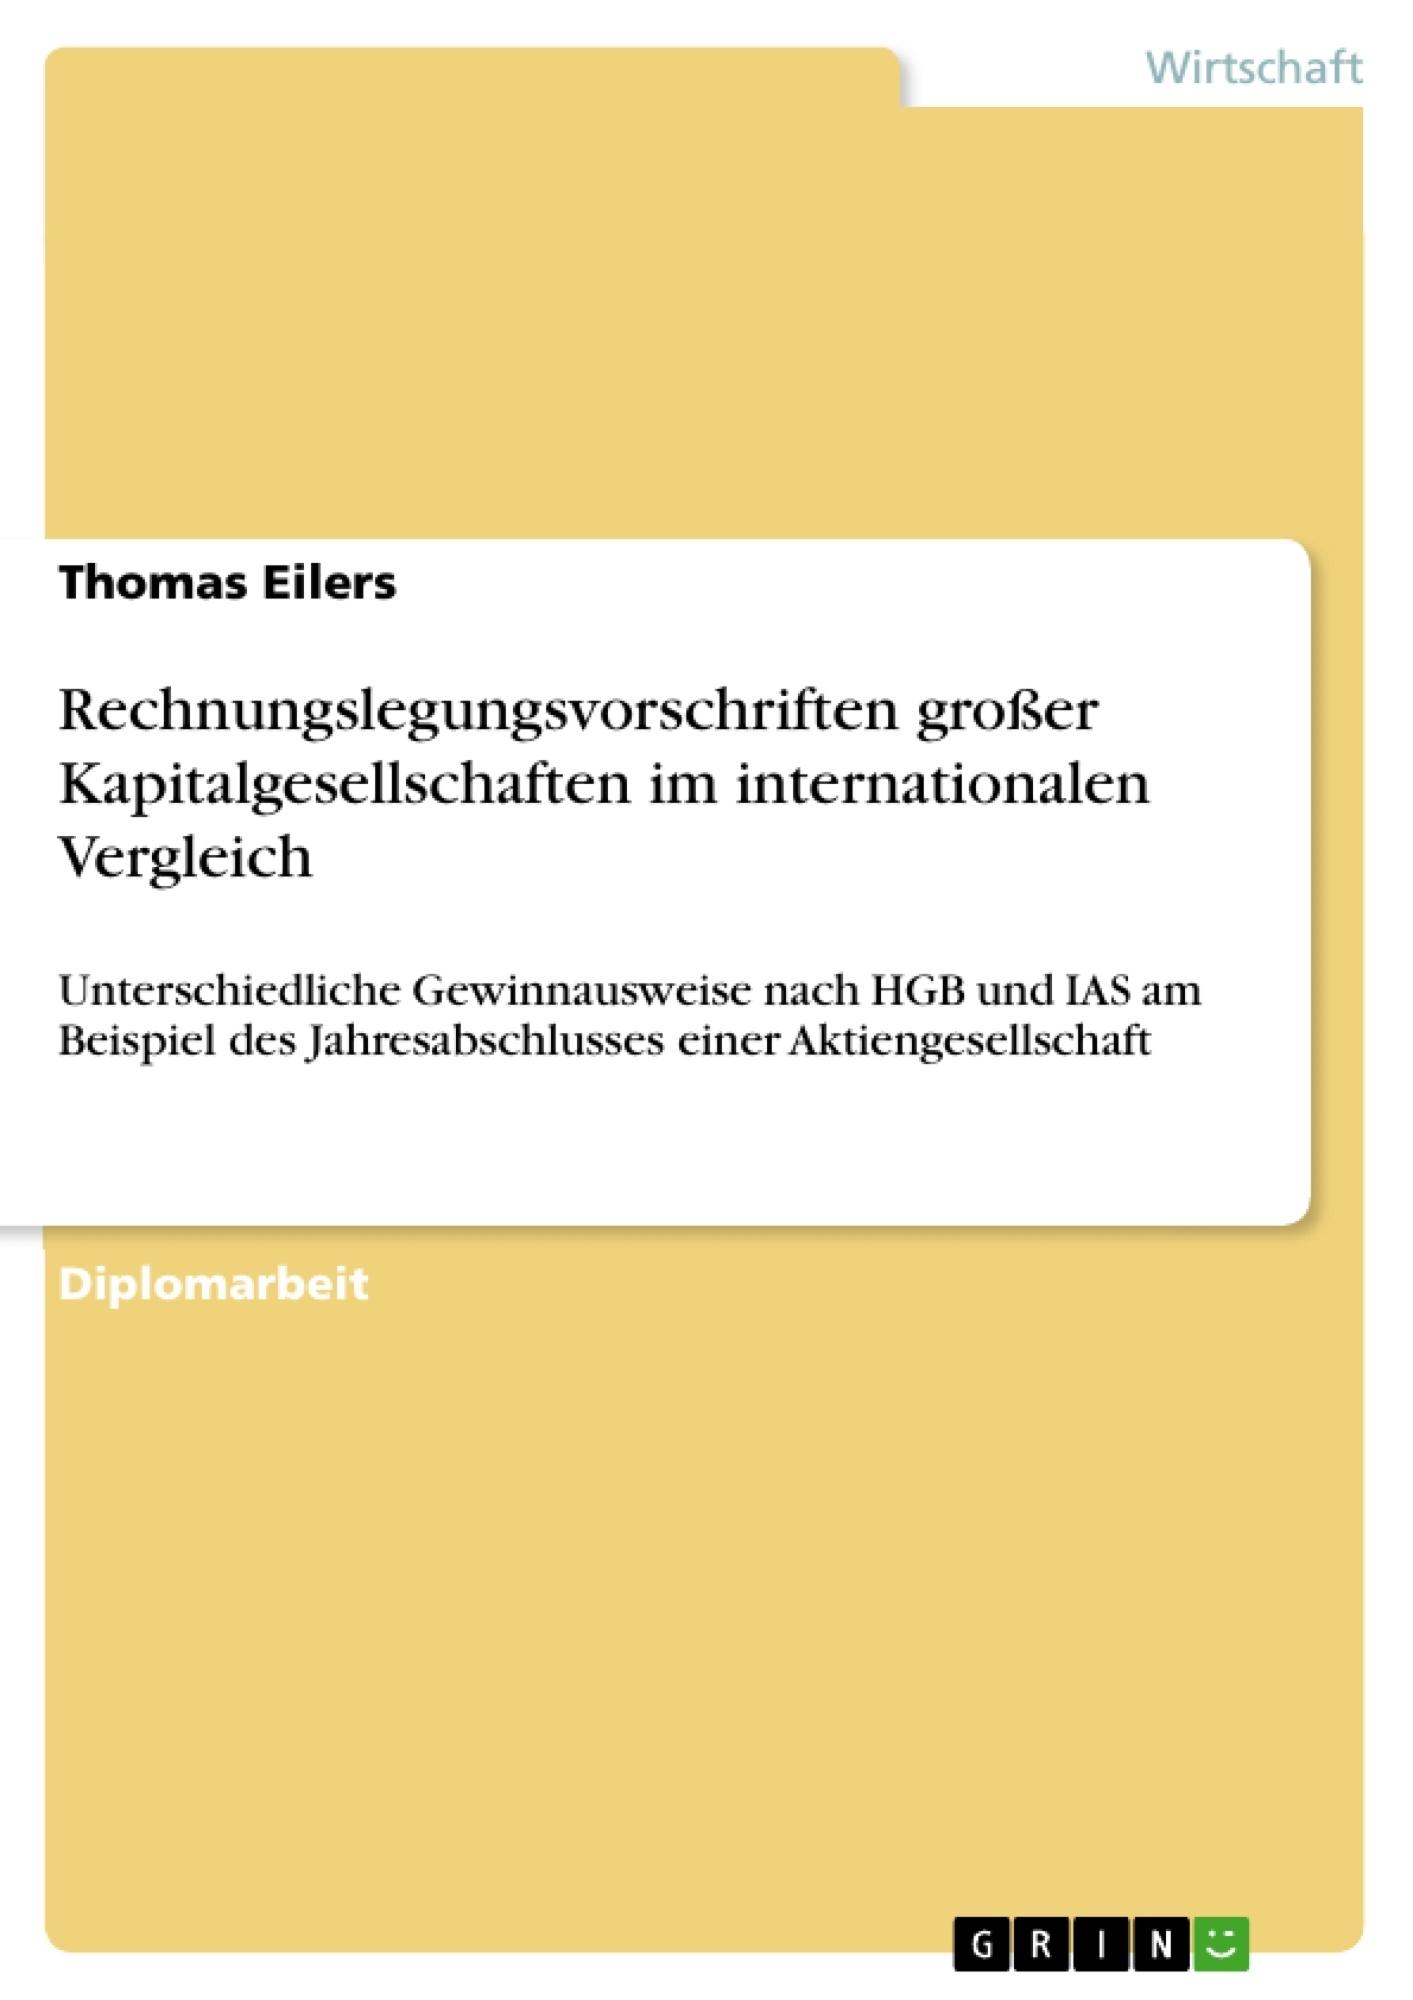 Titel: Rechnungslegungsvorschriften großer Kapitalgesellschaften im internationalen Vergleich